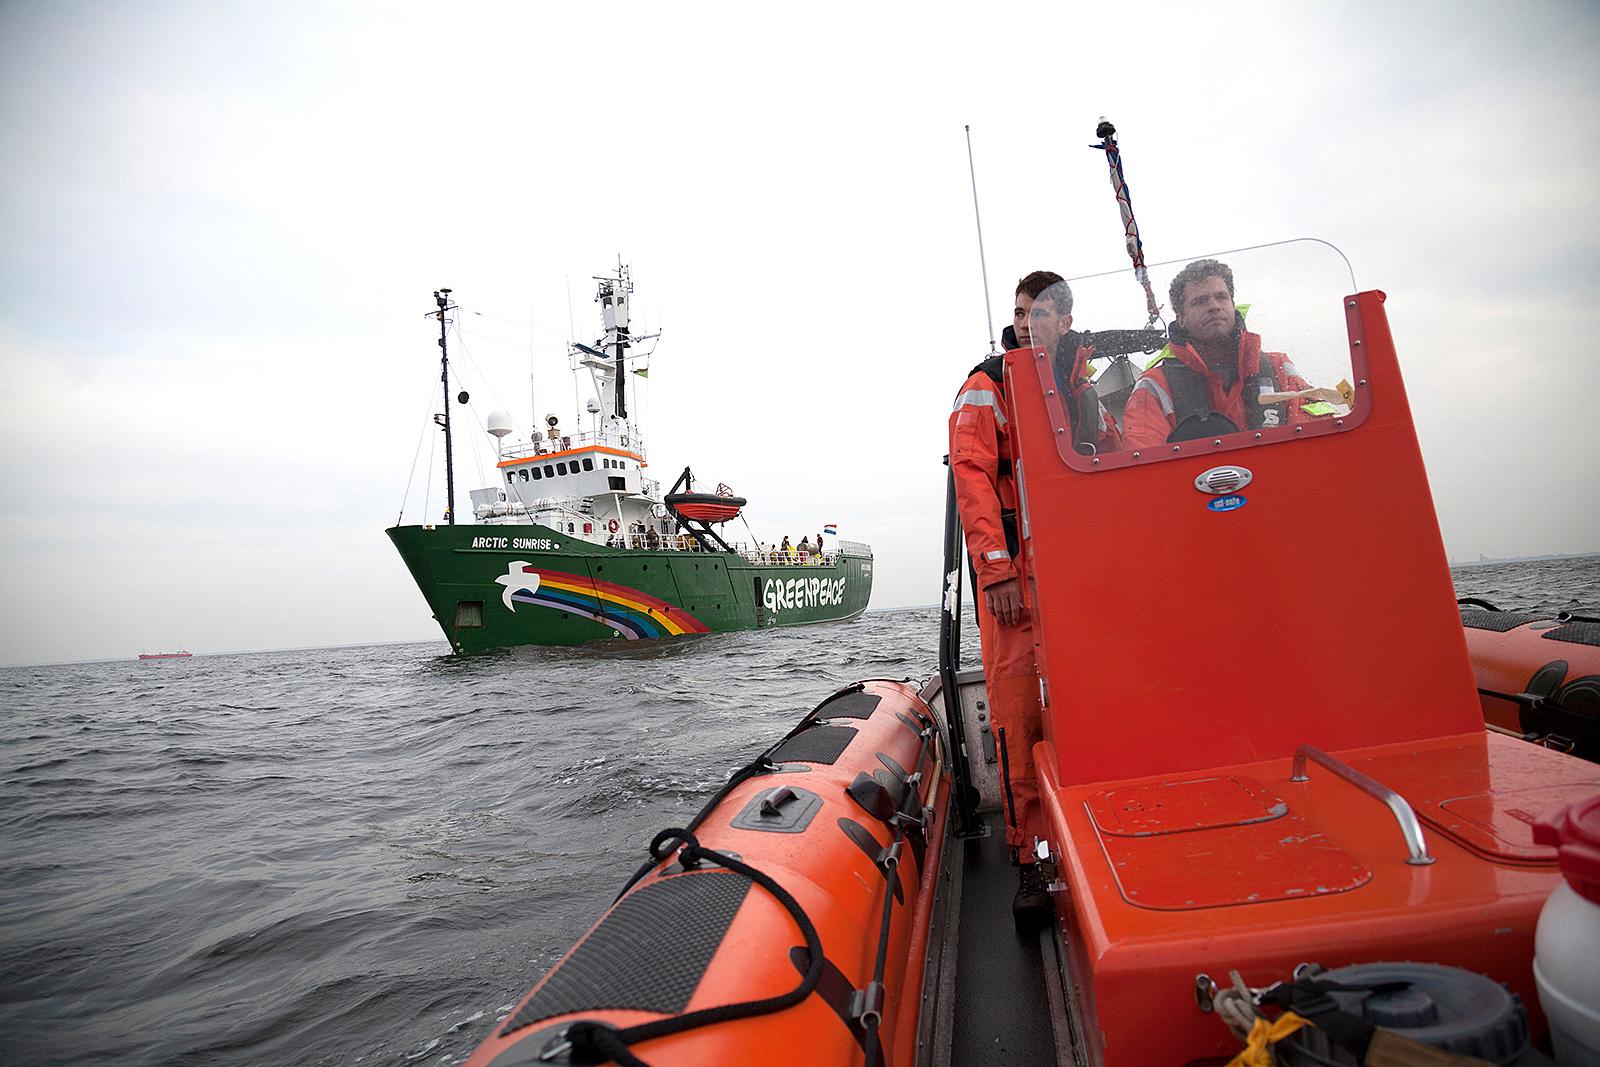 Das Greenpeace-Schiff Arctic Sunrise wartet auf der Nordsee vor Rotterdam auf einen Tanker mit Erdöl aus der Arktis. 2014